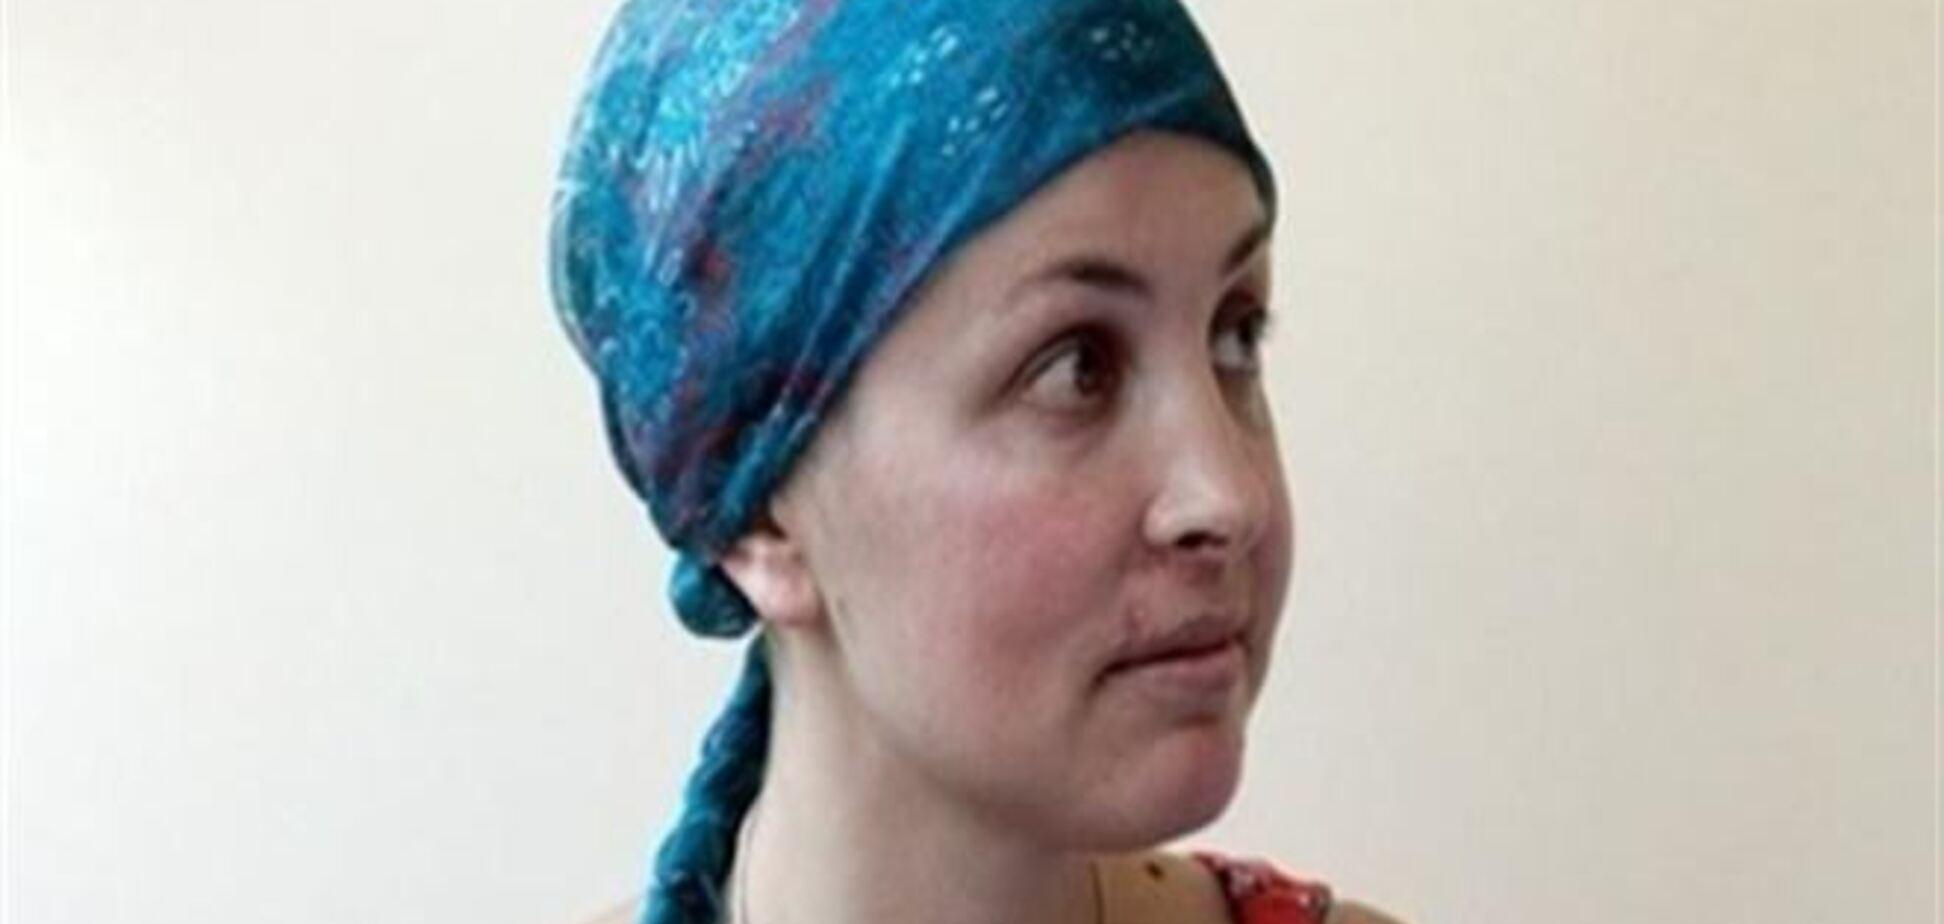 Крашкова хочет пожизненного срока для 'жаждущих крови' насильников